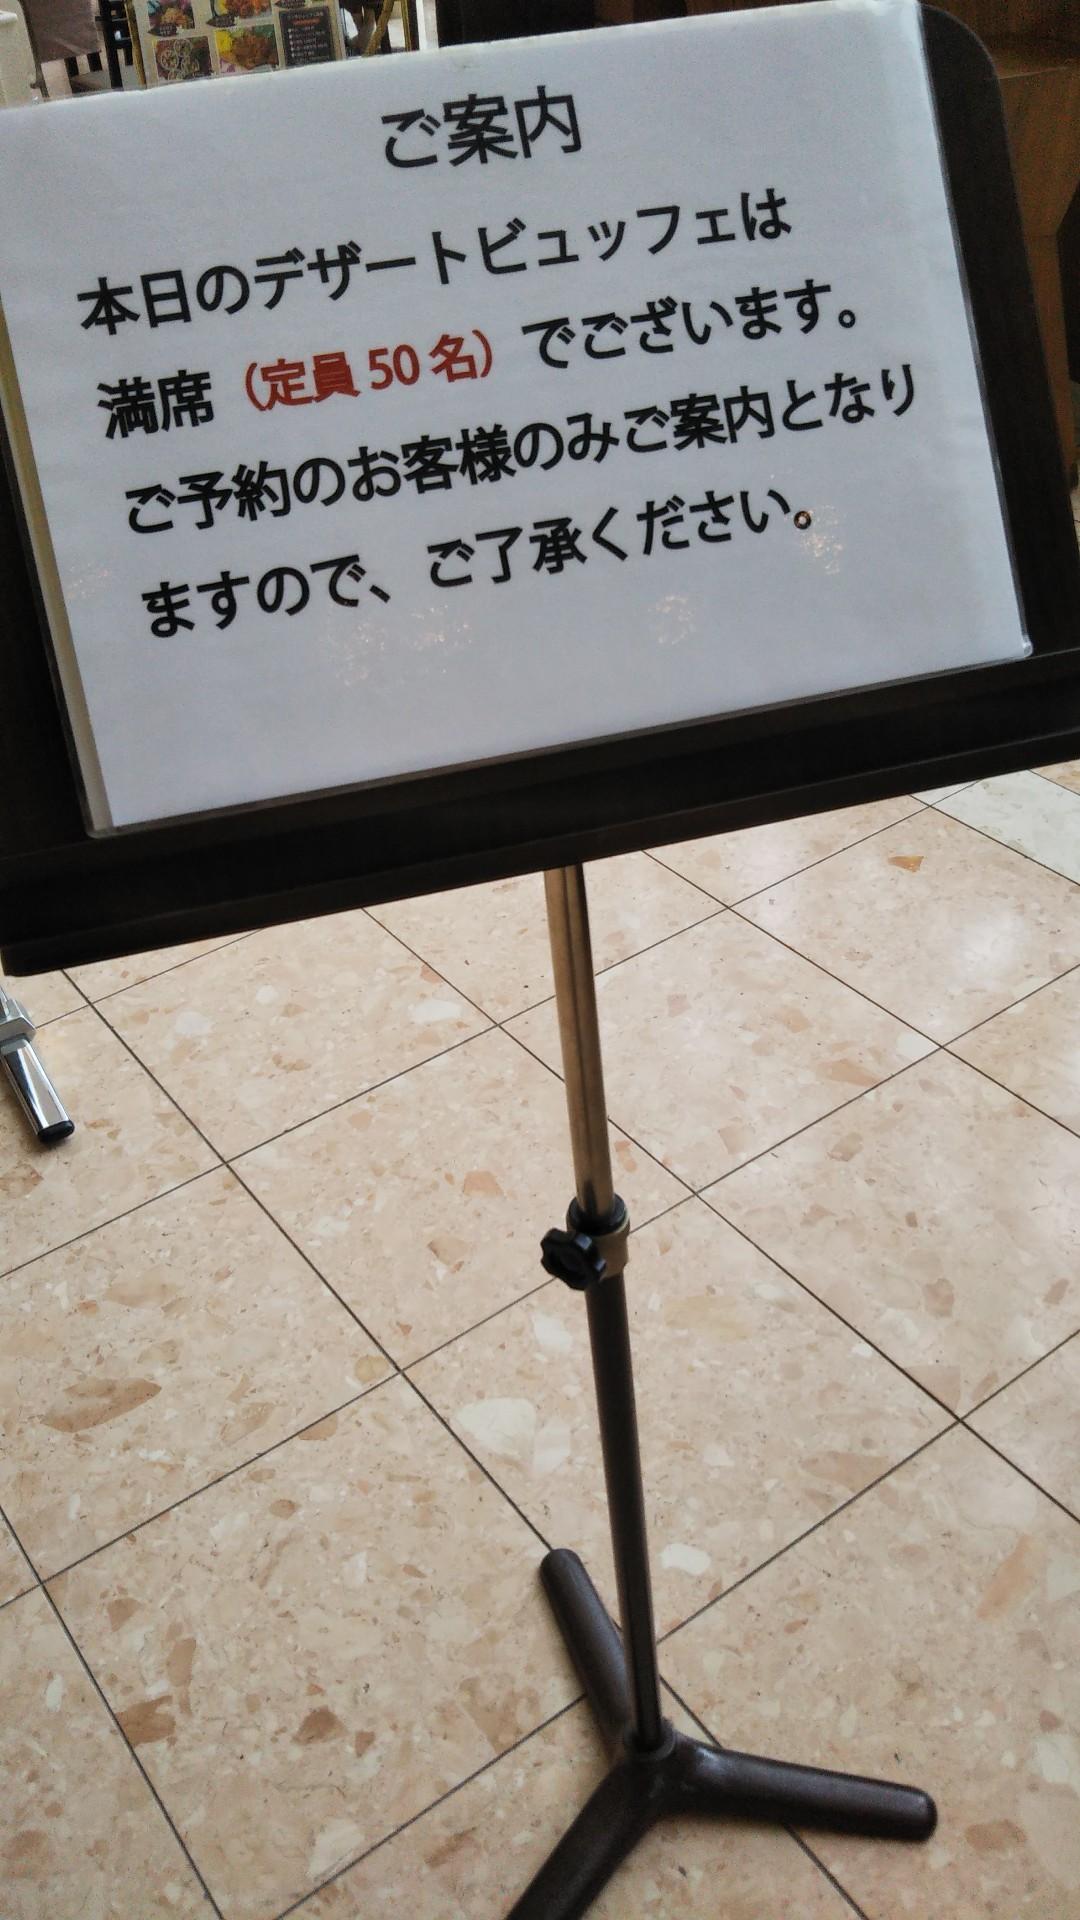 シャトレーゼ ガトーキングダムサッポロ ヴィーニュ Dessert Buffet~夏のべジスイーツフェア~_f0076001_23400698.jpg